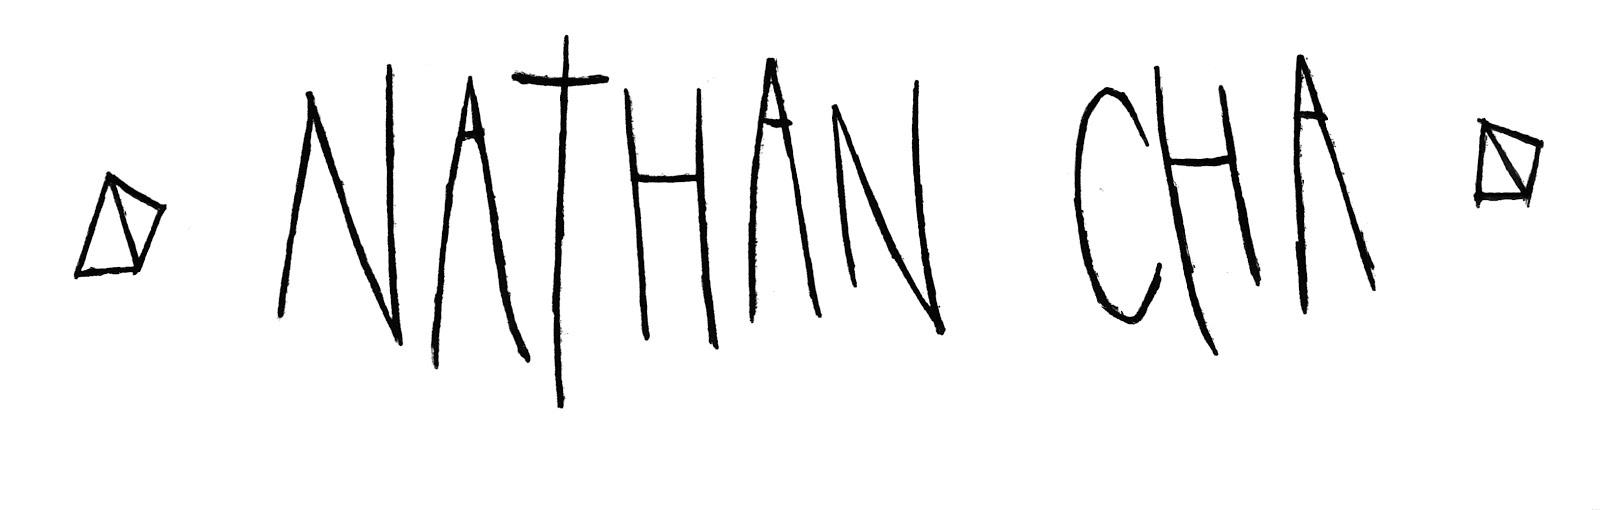 NATHAN CHA